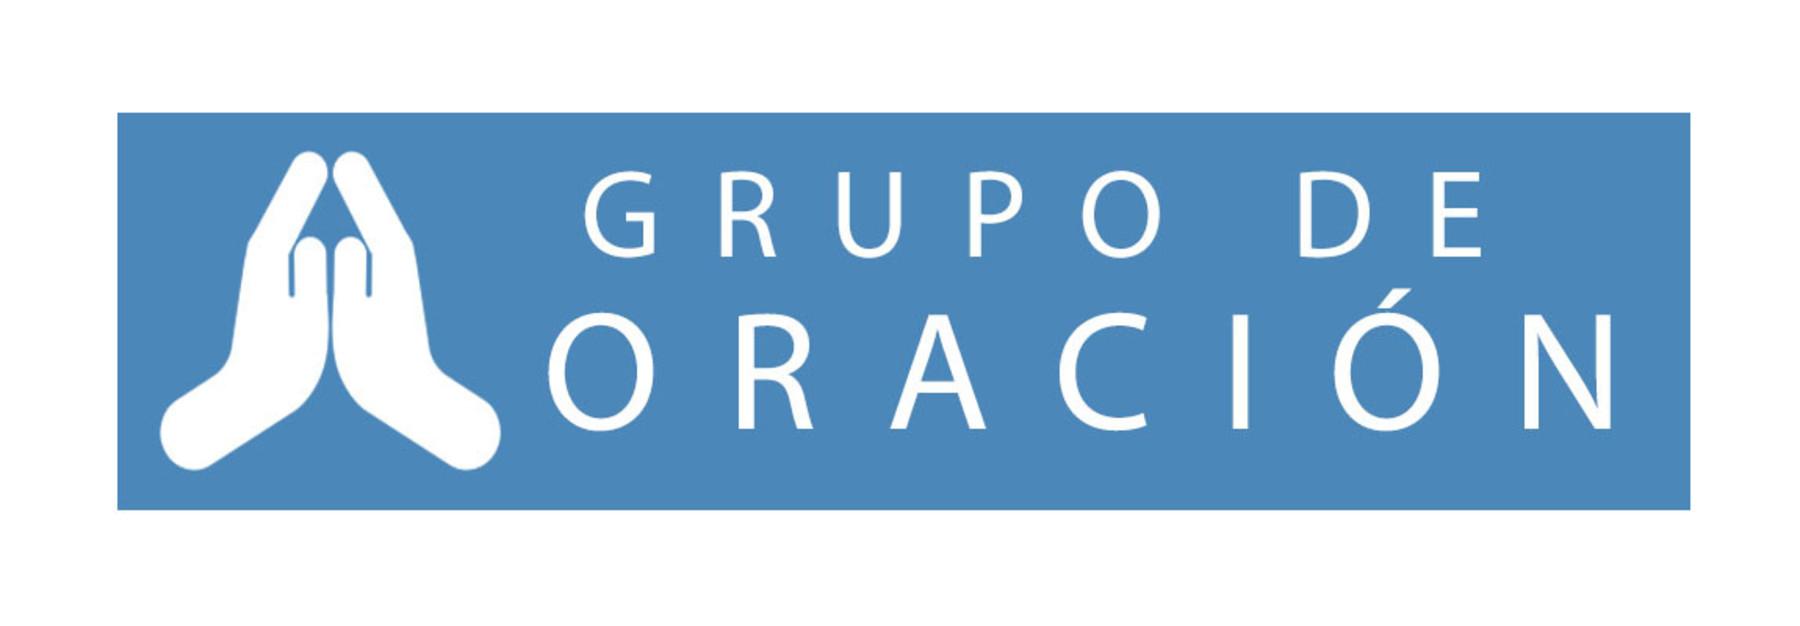 Grupo De Oracion